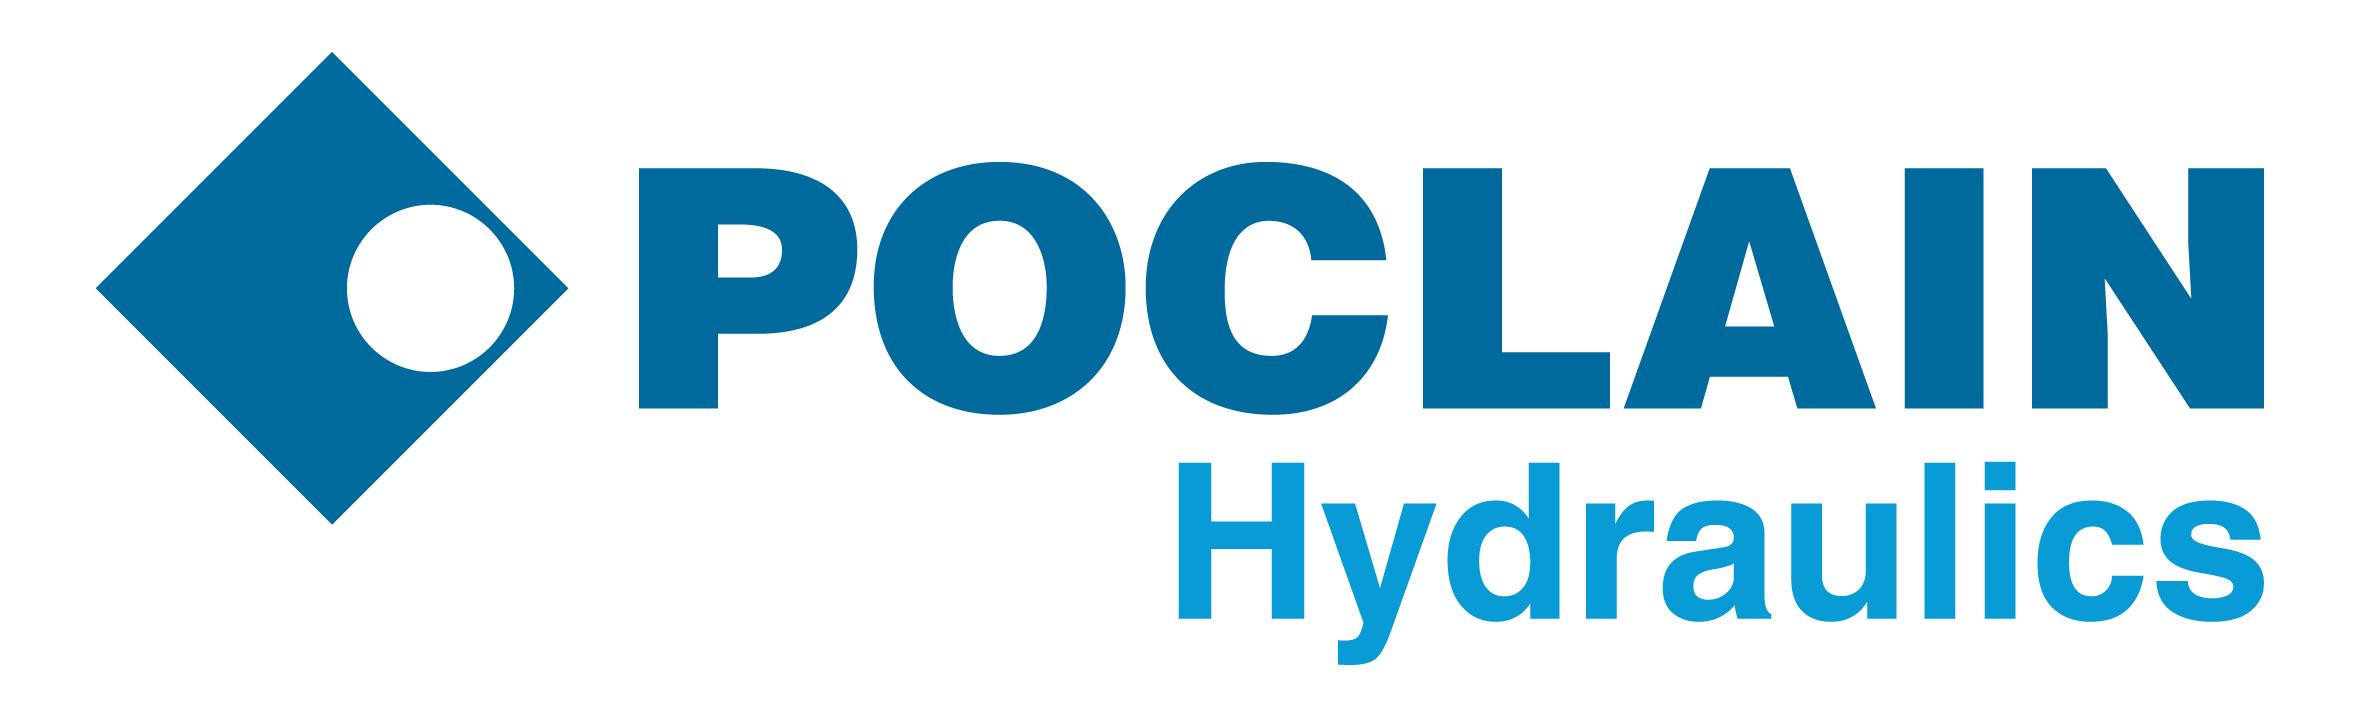 logo poclain hydraulics